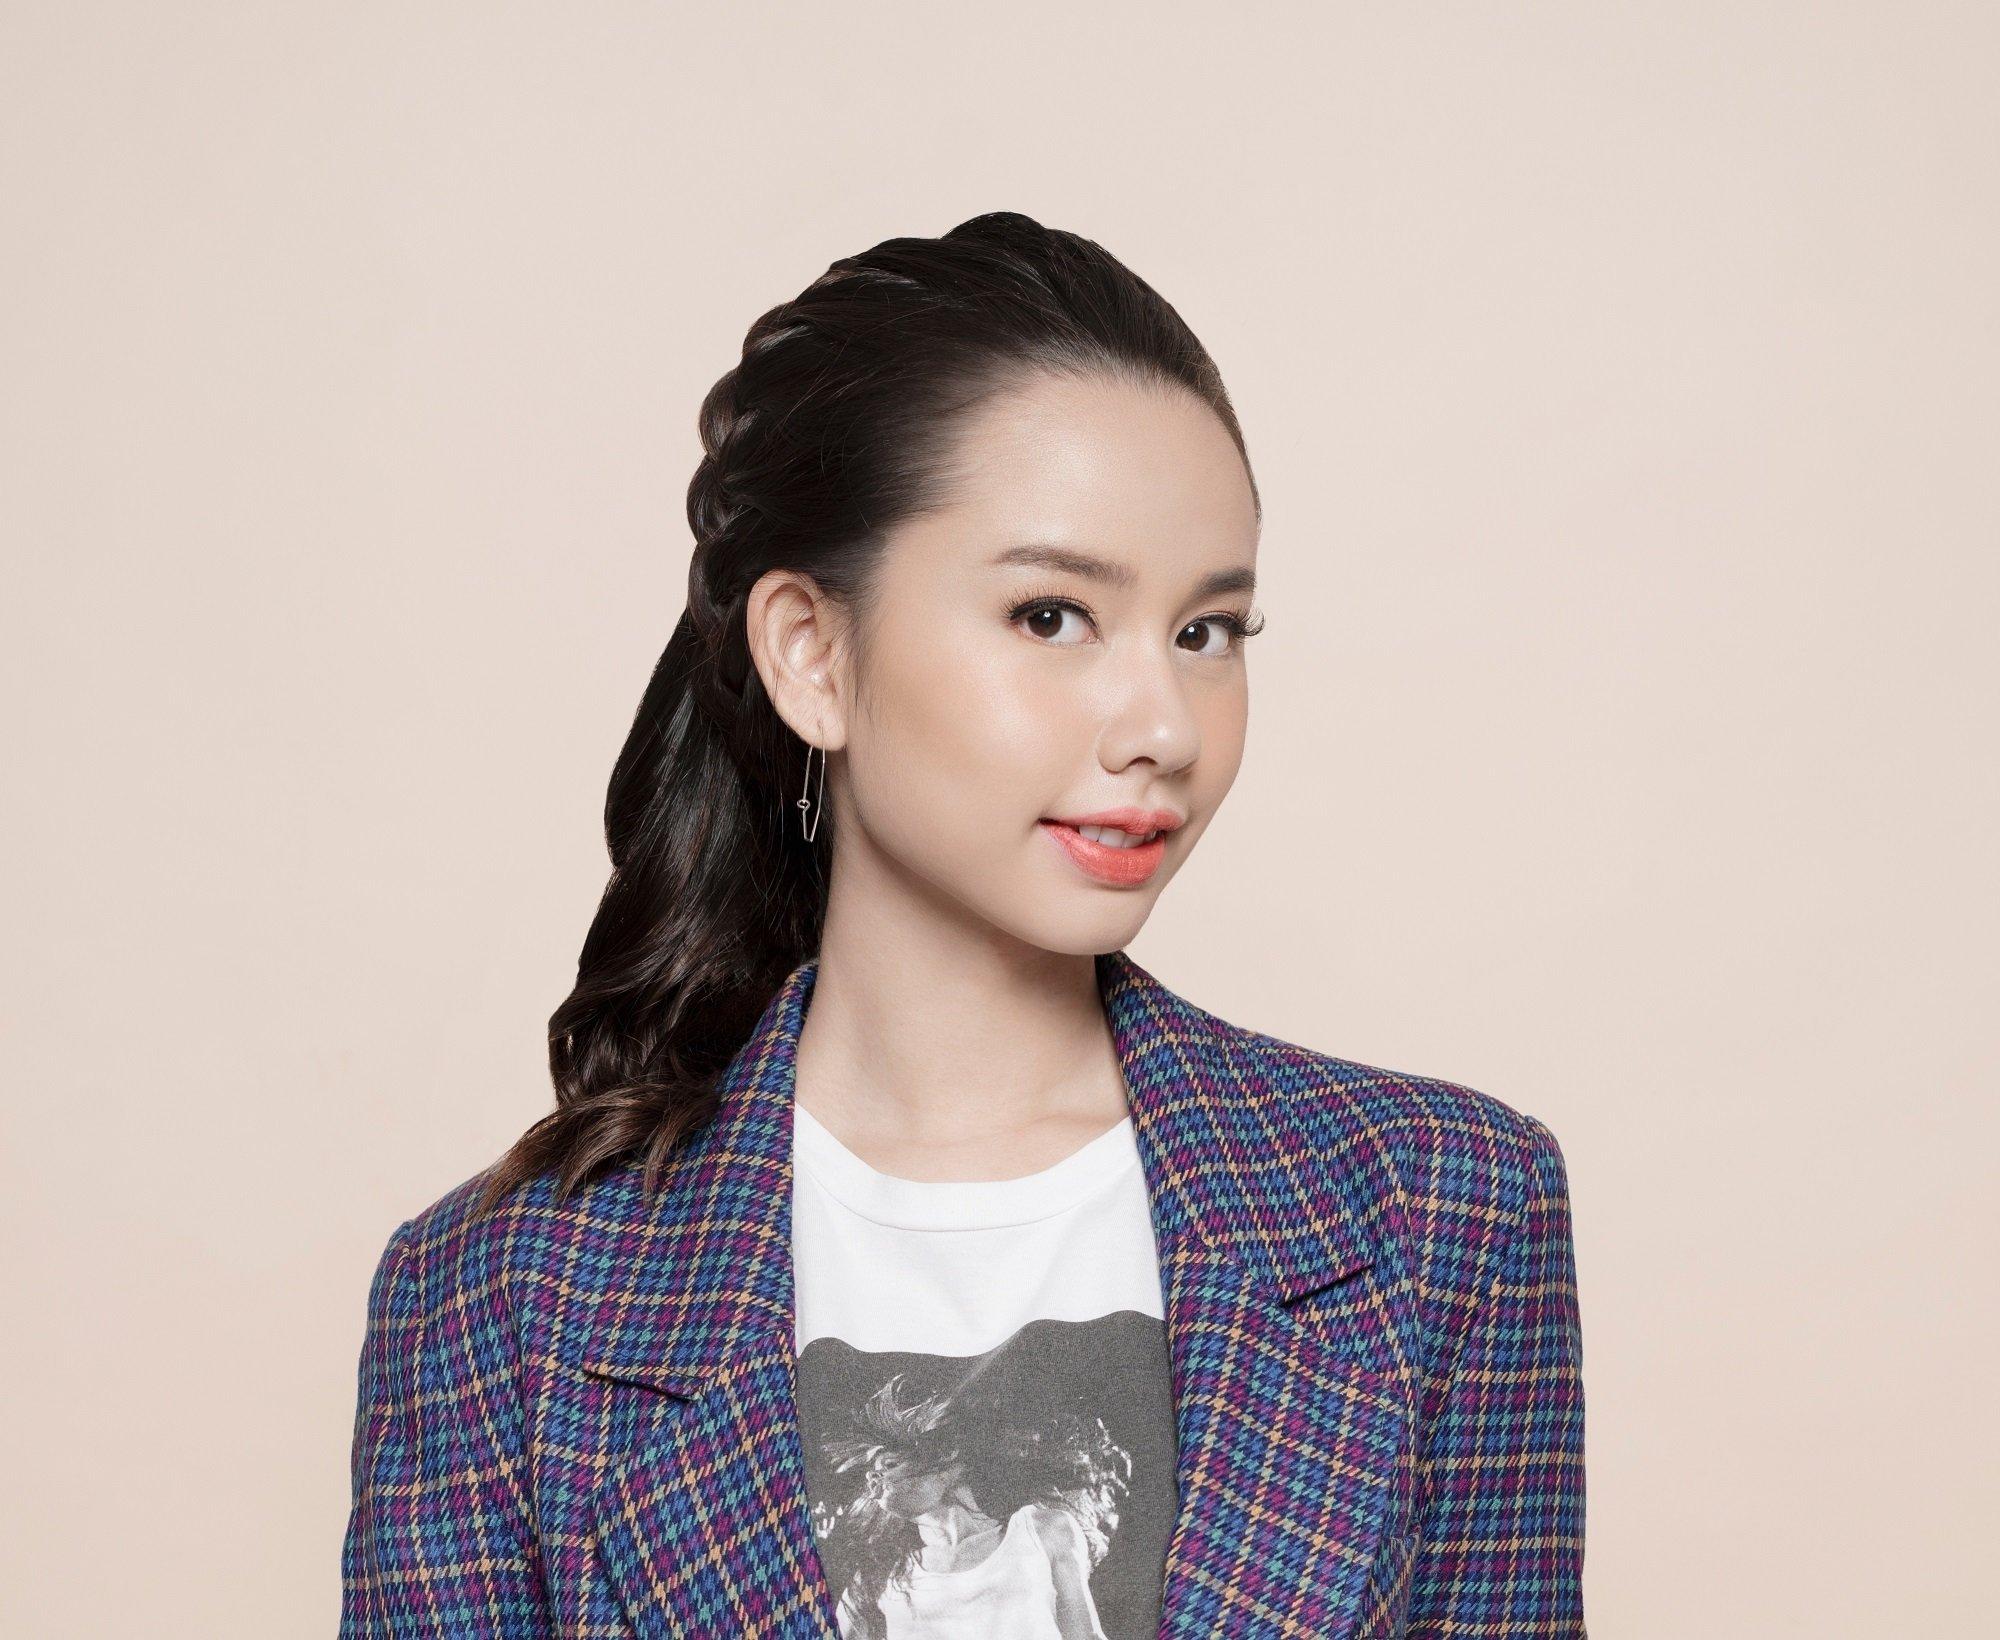 Pretty braids: Closeup shot of an Asian woman with long black hair in a headband braid hairstyle